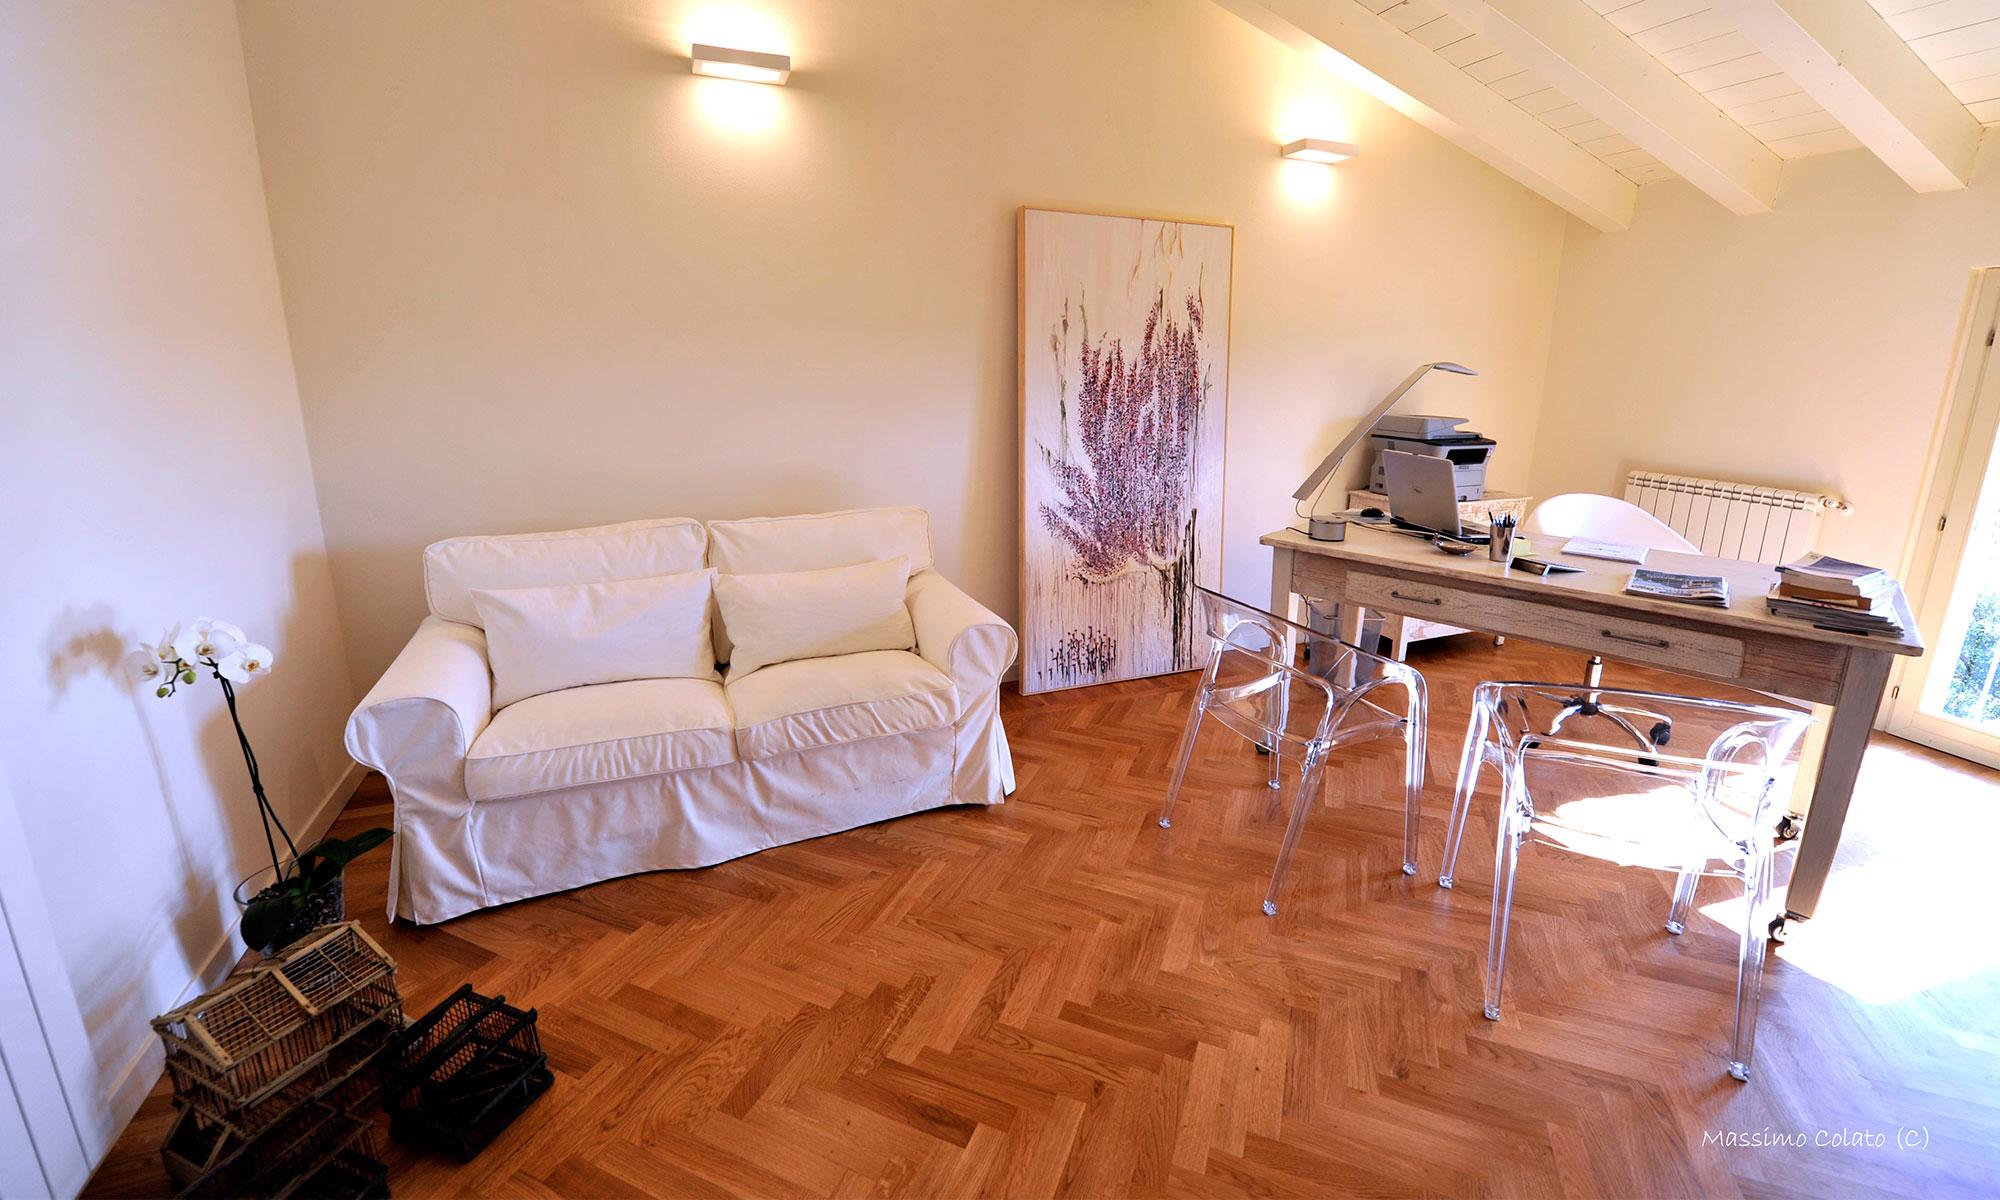 Paola marin immobiliare montorfano como for Arredamento agenzia immobiliare